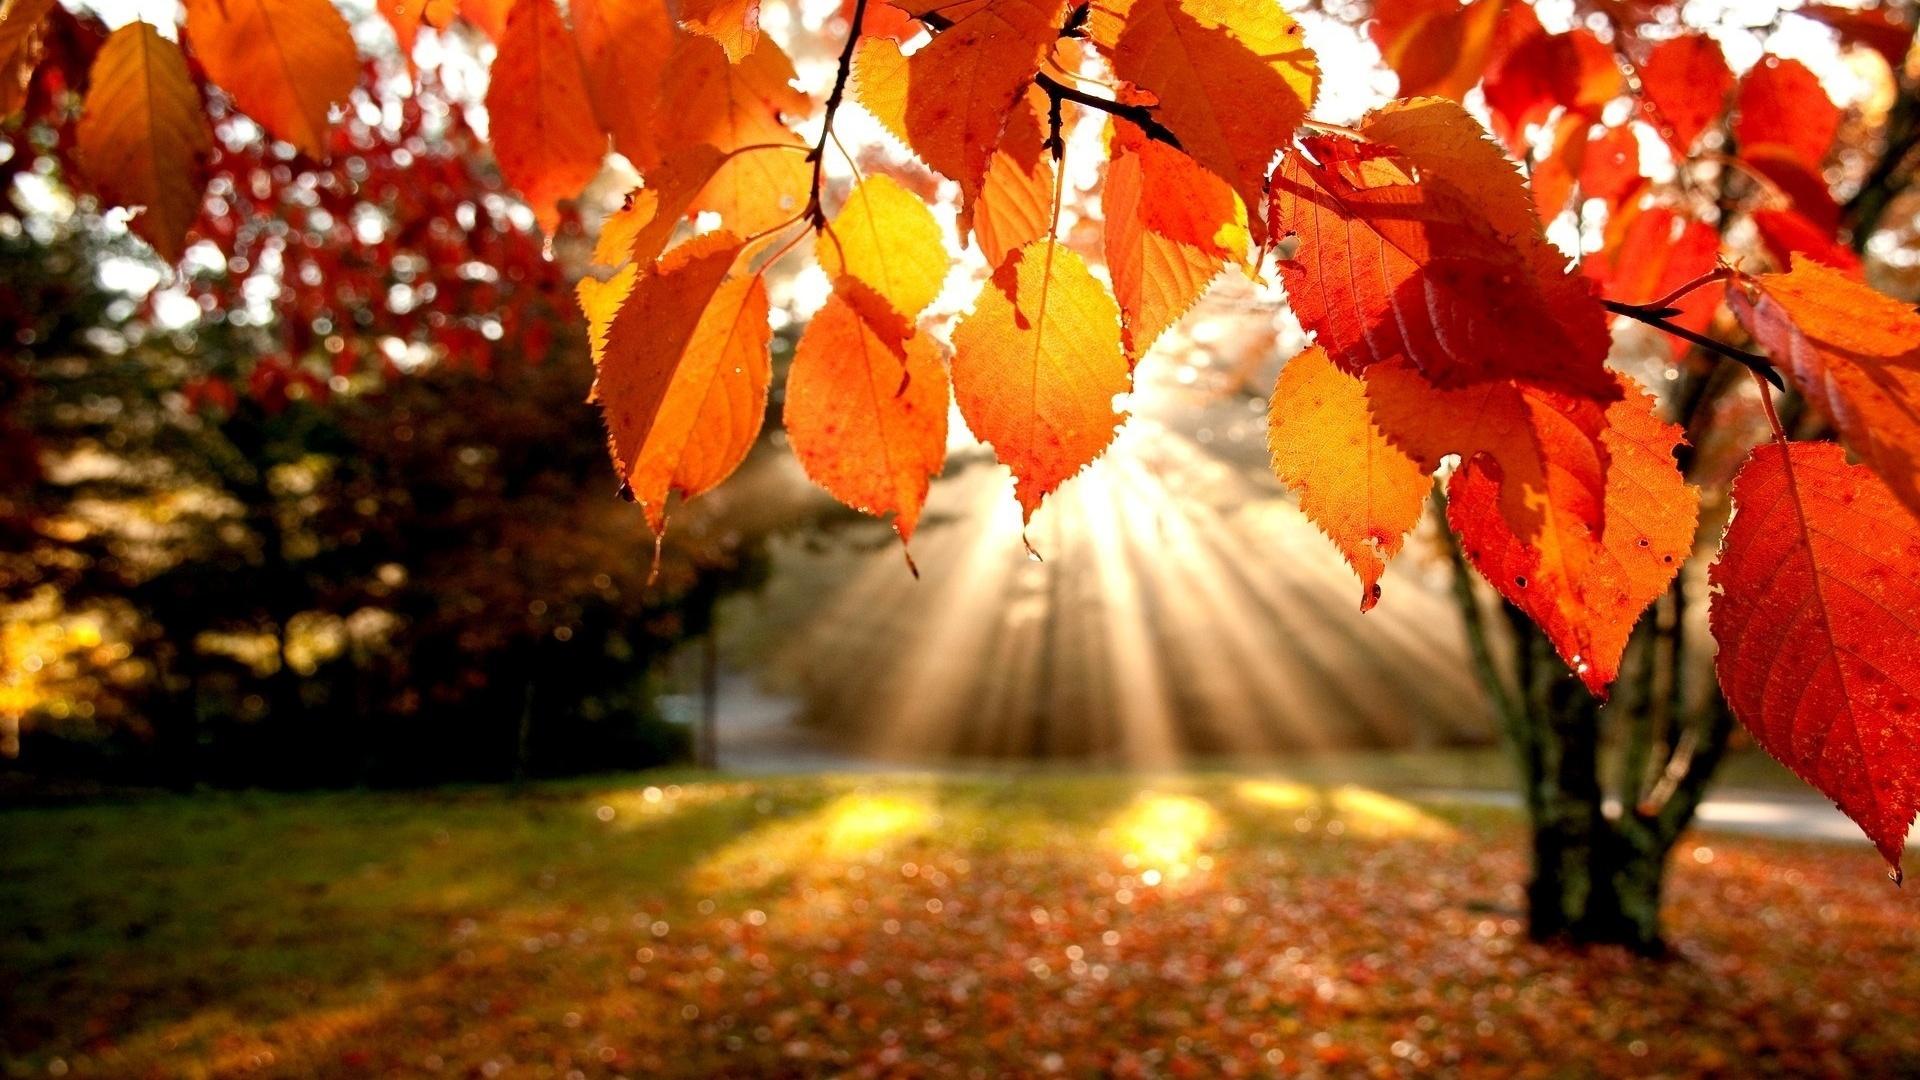 Картинка на золотую осень